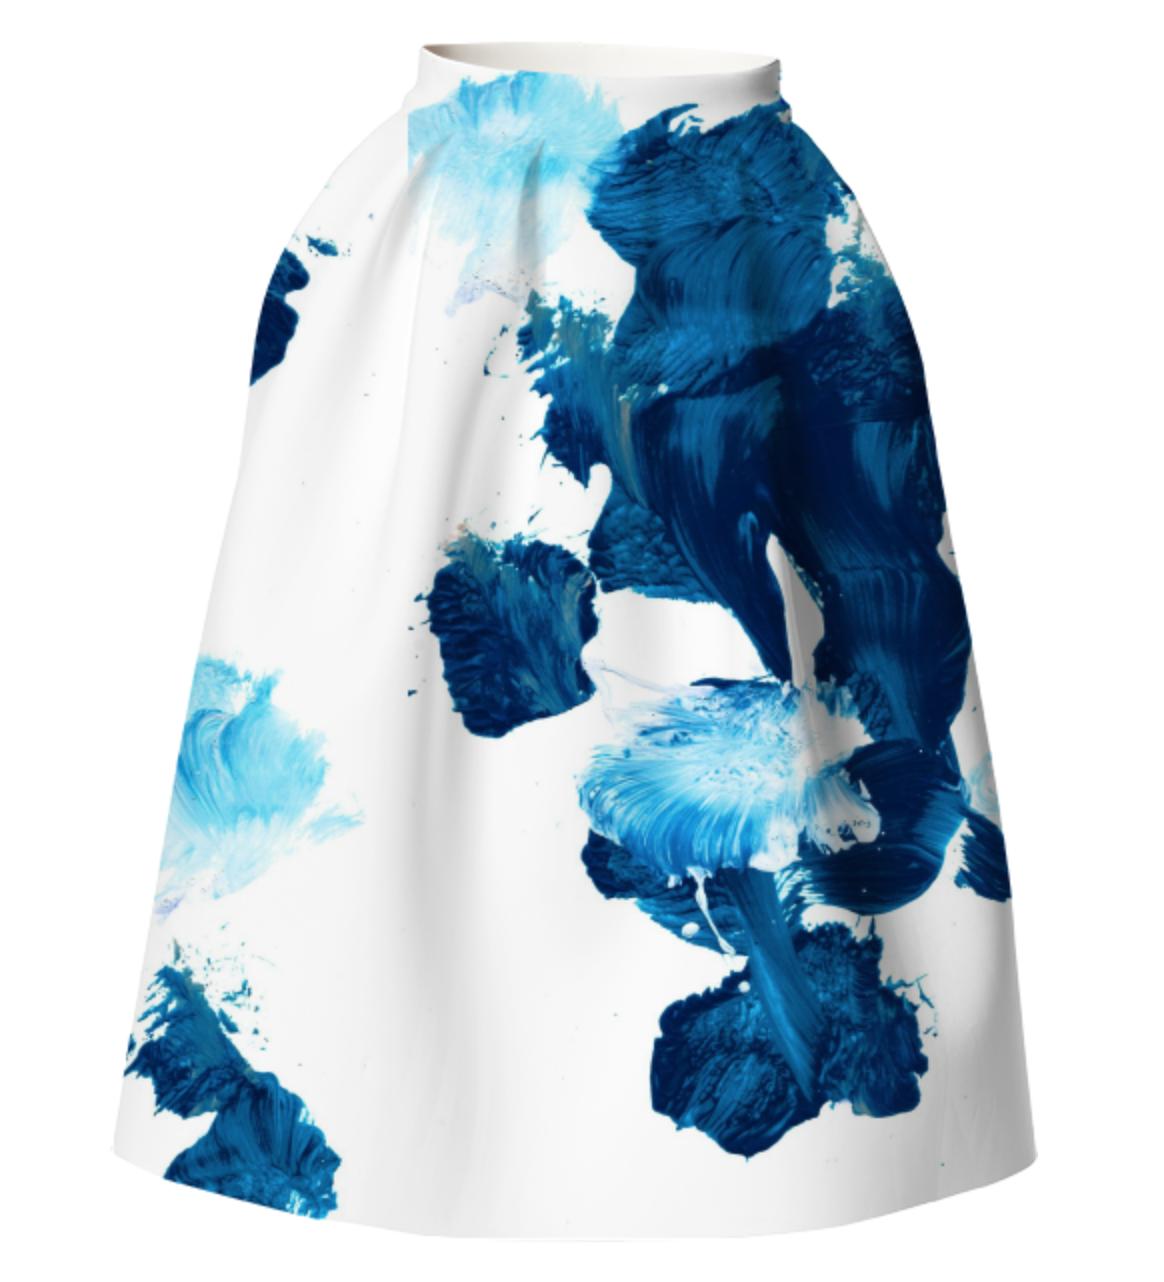 UNTITLED SKIRT    Neoprene Full Skirt      One Hundred Forty Two Dollars